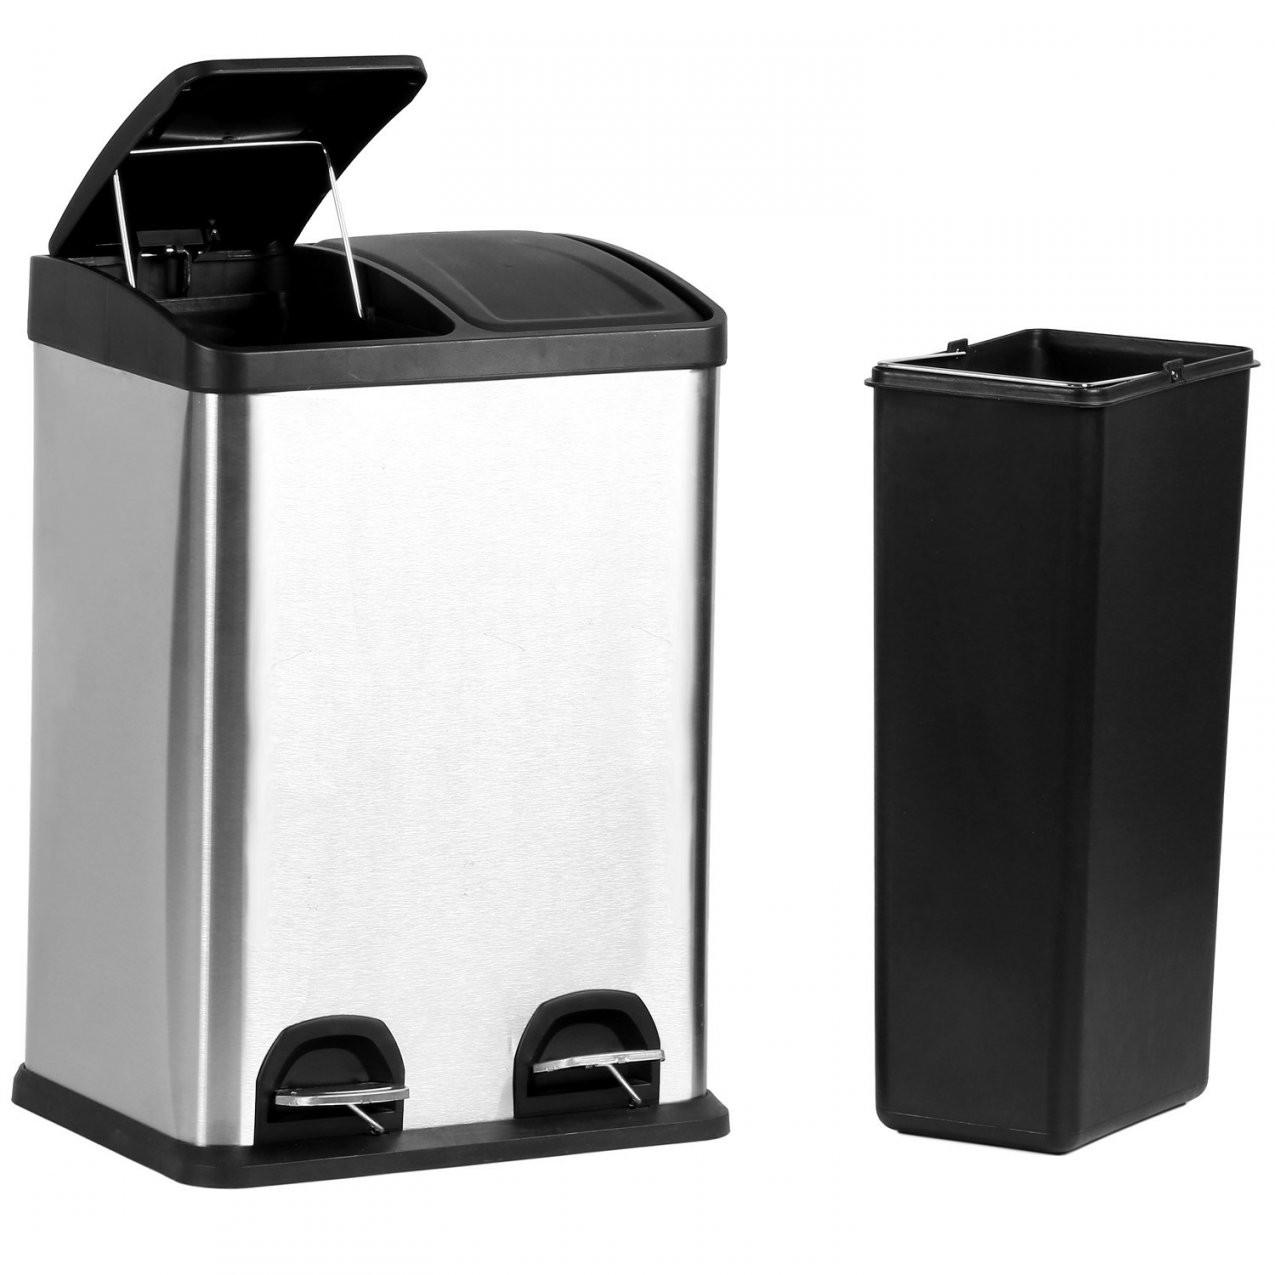 Mülleimer Küche 20 L  Küchen So Individuell Wie Ihr Geschmack von Tretmülleimer Küche Bild